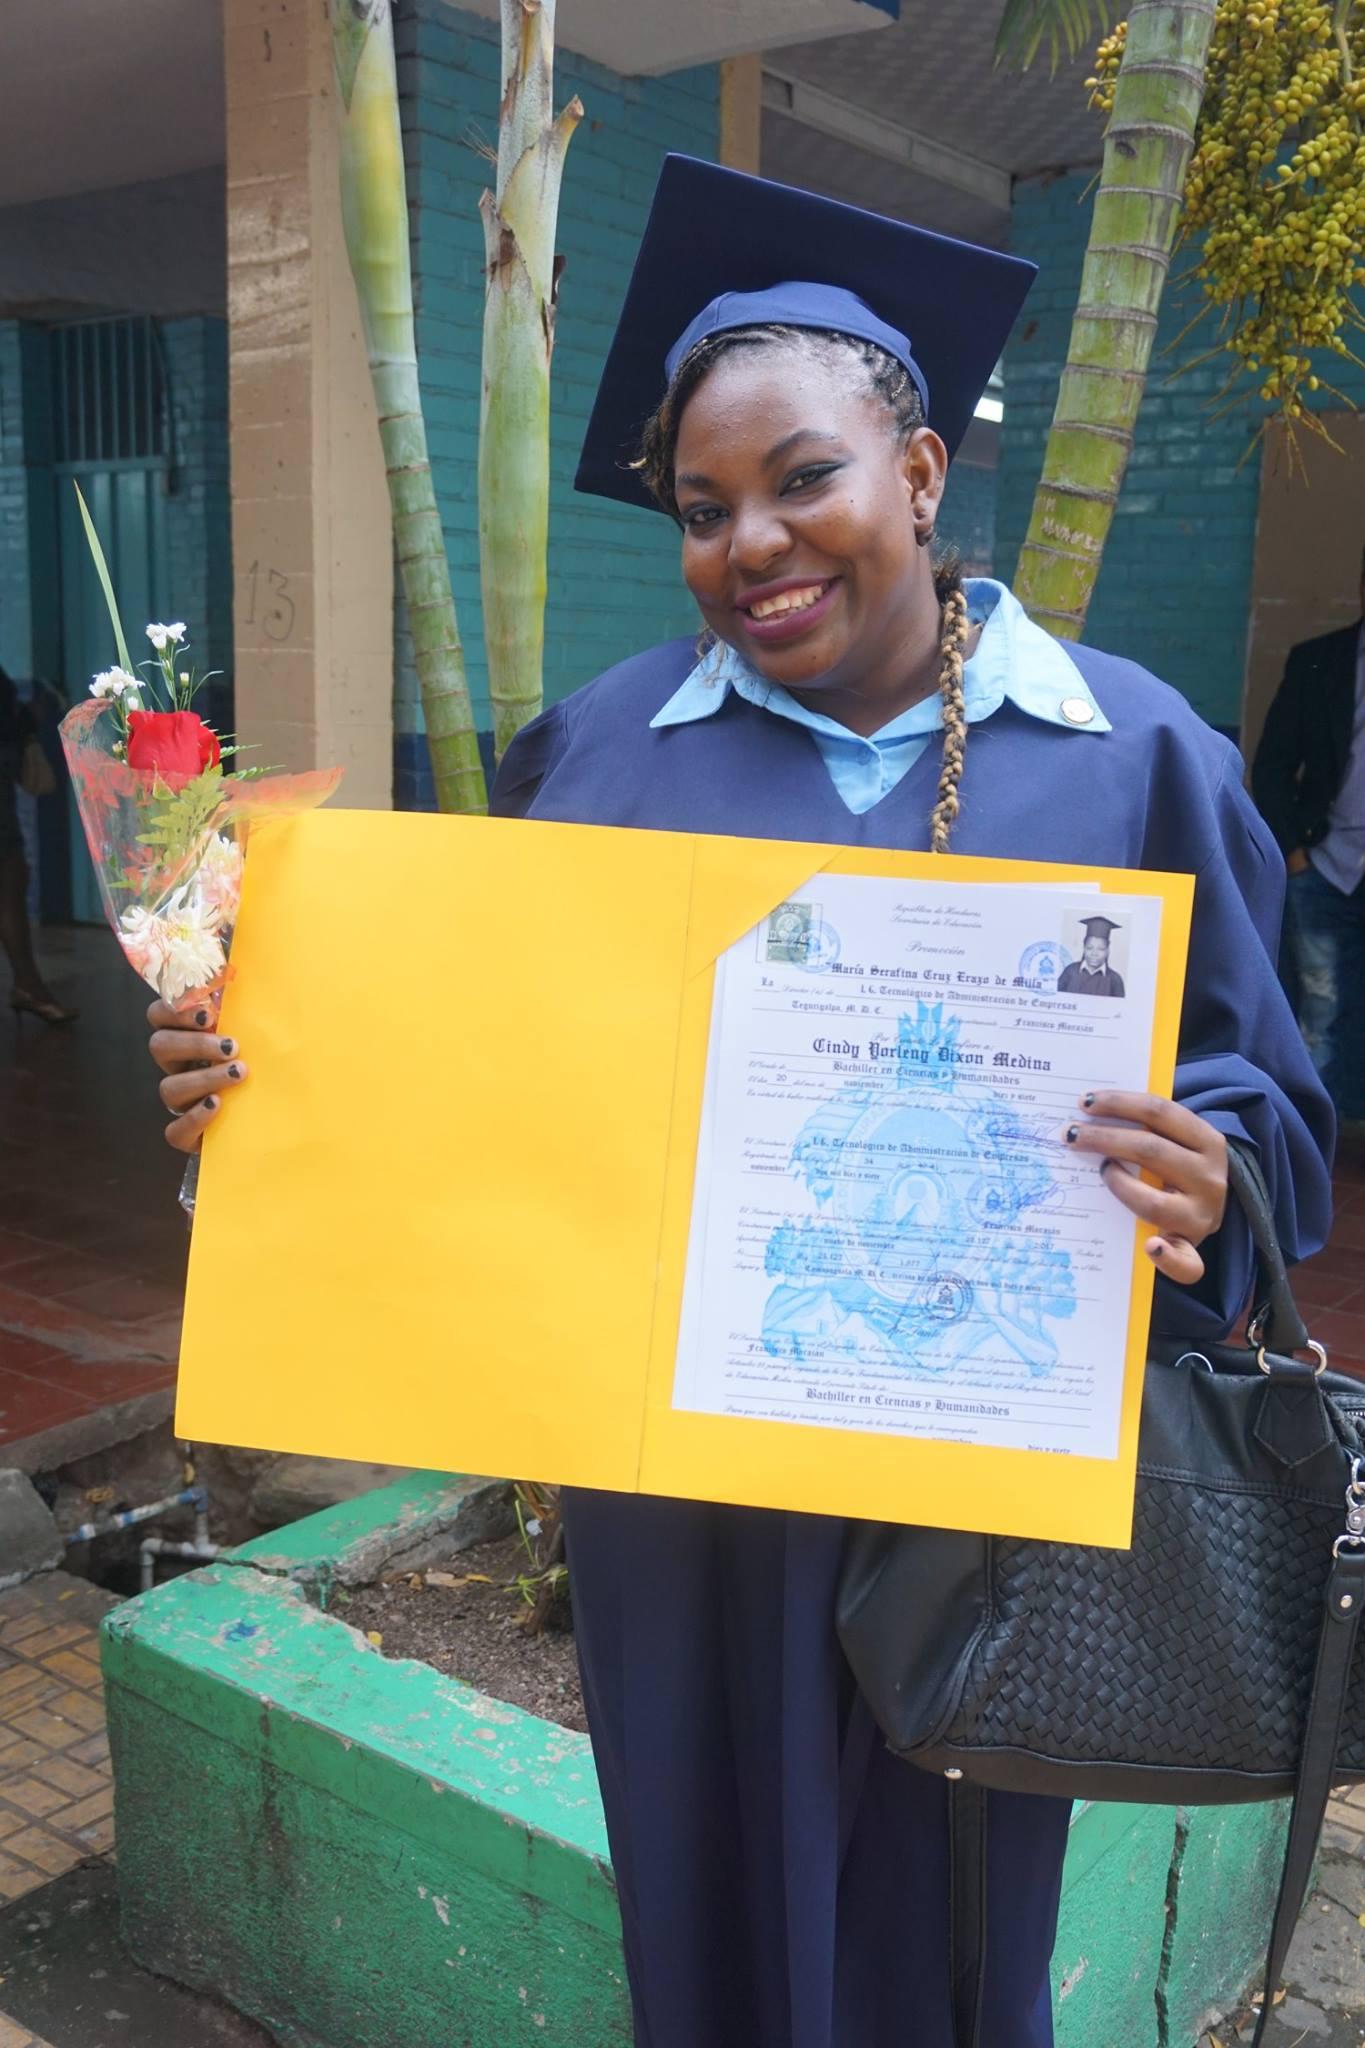 The proud graduate!